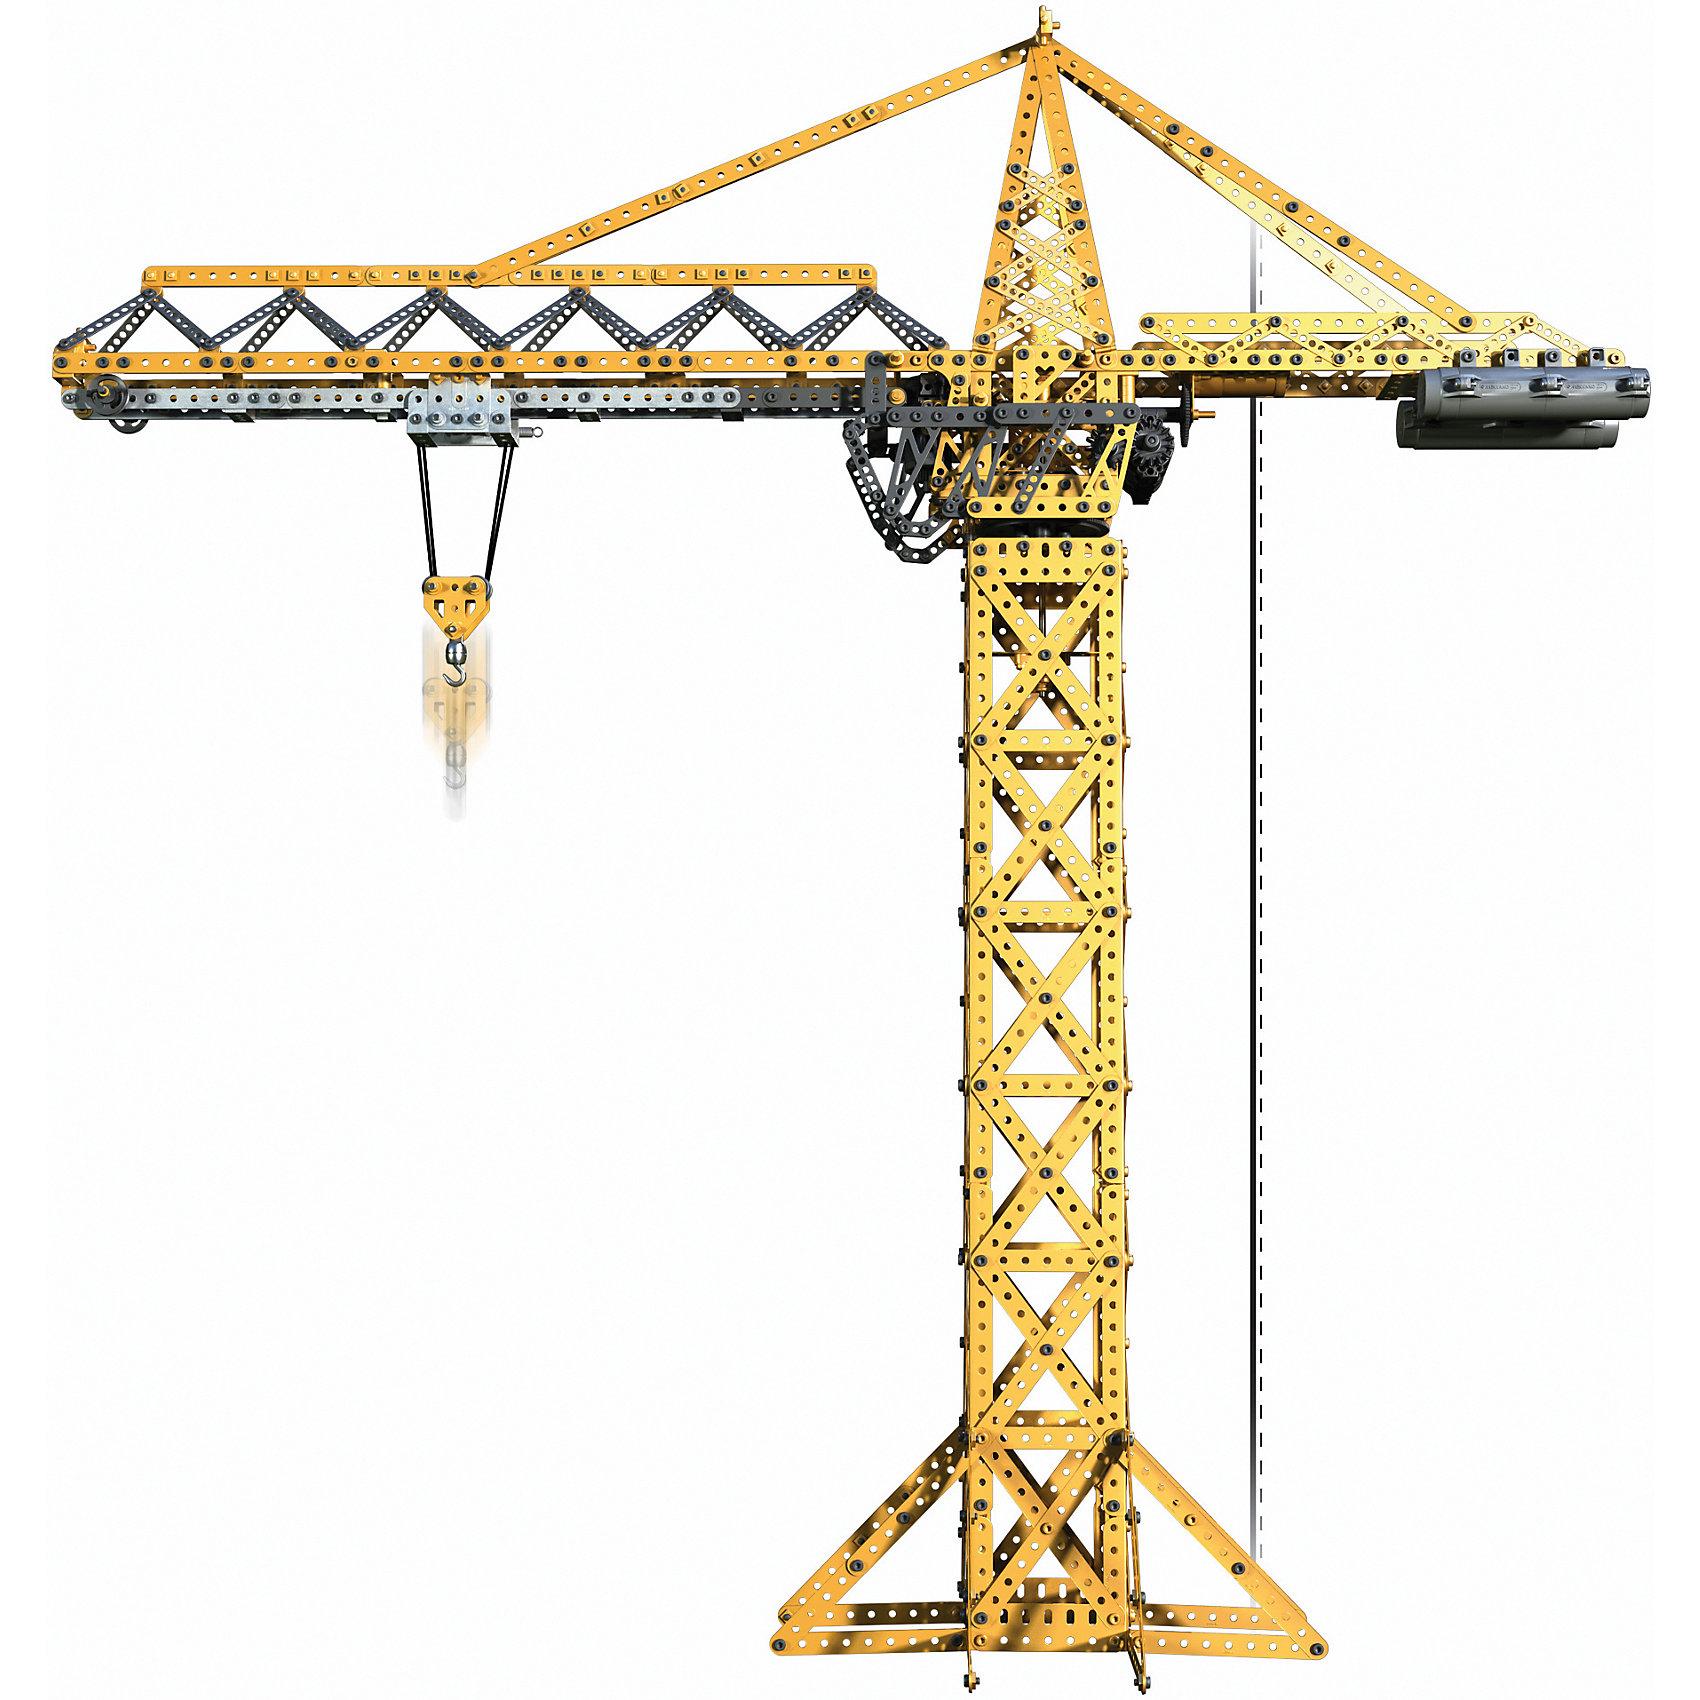 Строительный кран, MeccanoОсновная модель этого набора - кран. Он оборудован тремя моторами, обеспечивающими движение крана во всех плоскостях, благодаря чему, он может выполнять все функции настоящего строительного крана. При этом, он имеет подсветку, которую можно программировать по своему желанию. Конструктор Meccano увлекает не только сборкой, но и последующей эксплуатацией и игрой с ним, благодаря возможности конструировать огромное разнообразие моделей и богатому функционалу. Его захочет иметь в своей коллекции не только ребенок, но и взрослый. Каждый конструктор имеет набор необходимых инструментов, удобных в использовании, и подробную инструкцию, разработанную таким образом, чтобы он была максимально понятна для детей.<br><br><br>Дополнительная информация:<br><br>- Материал: металл.<br>- Размер упаковки: 50х38х10 см.<br>- Размер крана: 93х32х96 см. <br>- Комплектация:  1741 деталь, пульт, 3 мотора, 3 светодиода, инструменты для сборки. <br>- Количество деталей: 1989.<br>- Элемент питания: 4 С батарейки,  3 ААА батарейки (в комплекте нет).<br><br>Строительный кран, Meccano (Меккано), можно купить в нашем магазине.<br><br>Ширина мм: 500<br>Глубина мм: 383<br>Высота мм: 111<br>Вес г: 5555<br>Возраст от месяцев: 120<br>Возраст до месяцев: 192<br>Пол: Мужской<br>Возраст: Детский<br>SKU: 4278450